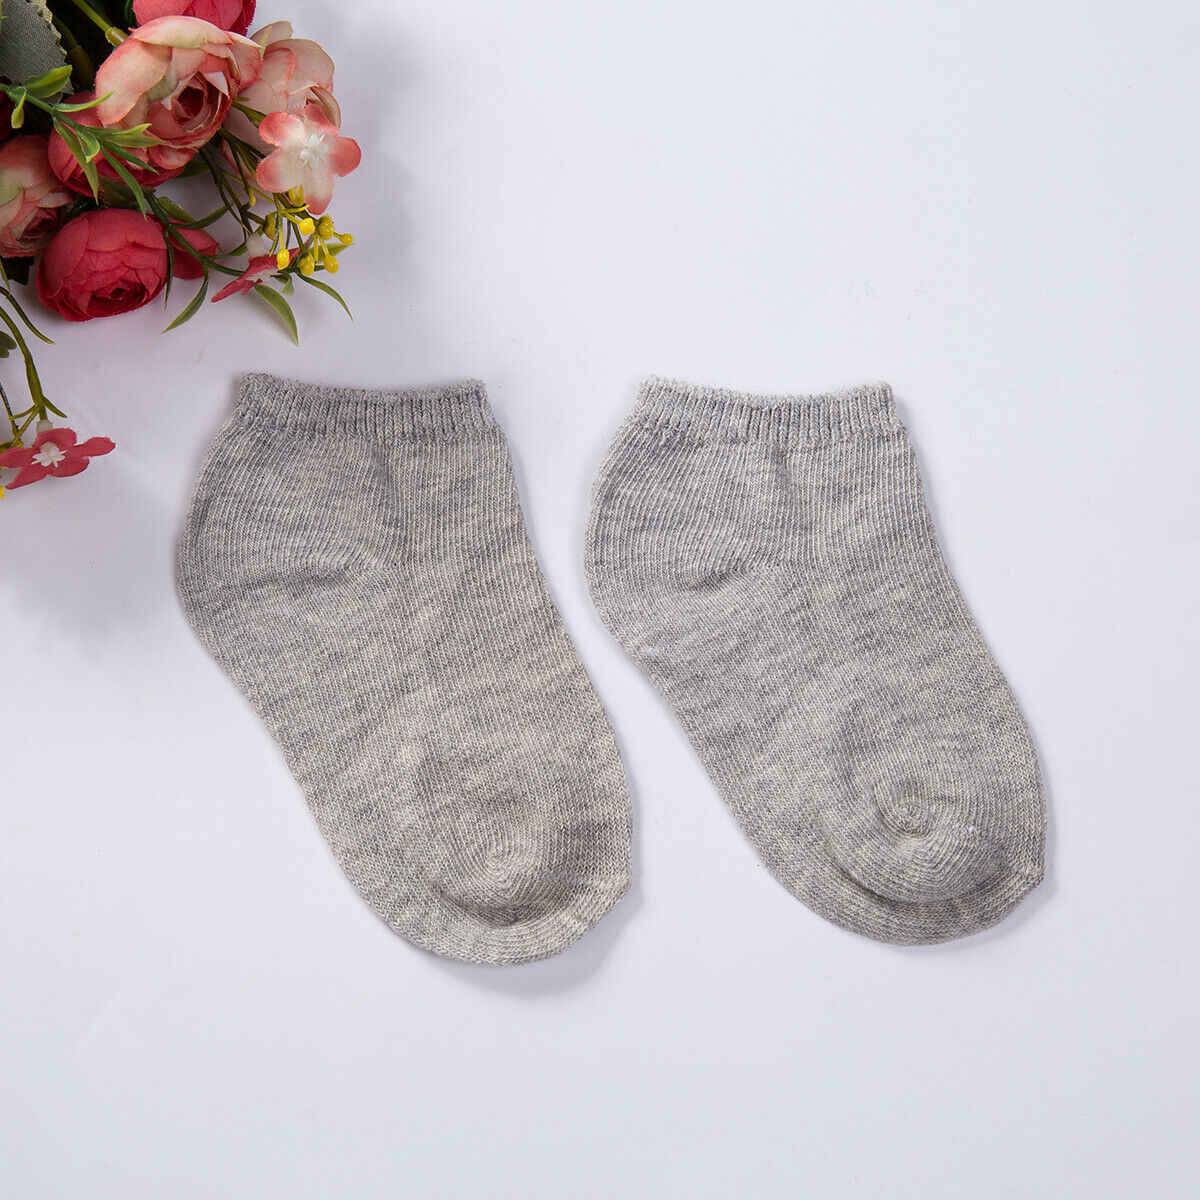 2019 新生児靴幼児の靴下ノンスリップソフト綿ボトム子綿の床靴下夏ソフトかわいい 1 組固体